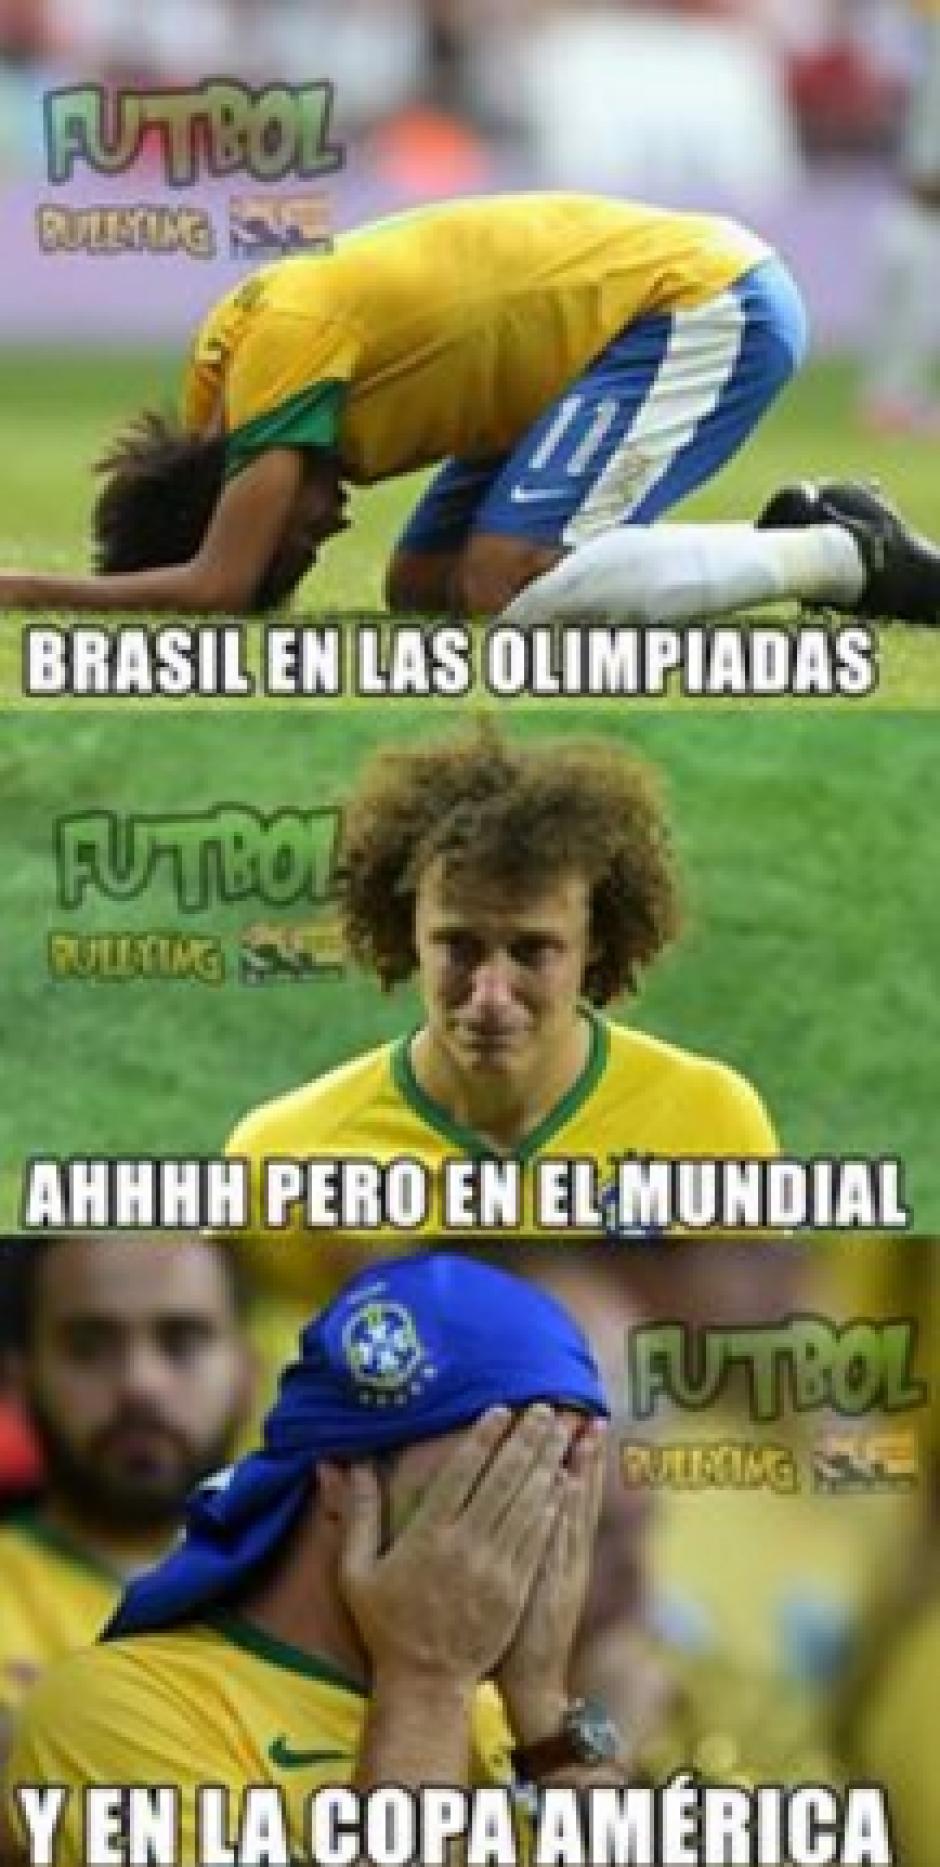 Los resultados de Brasil en torneos recientes no han sido los esperados por su afición. (Foto: Futbol Bullying)